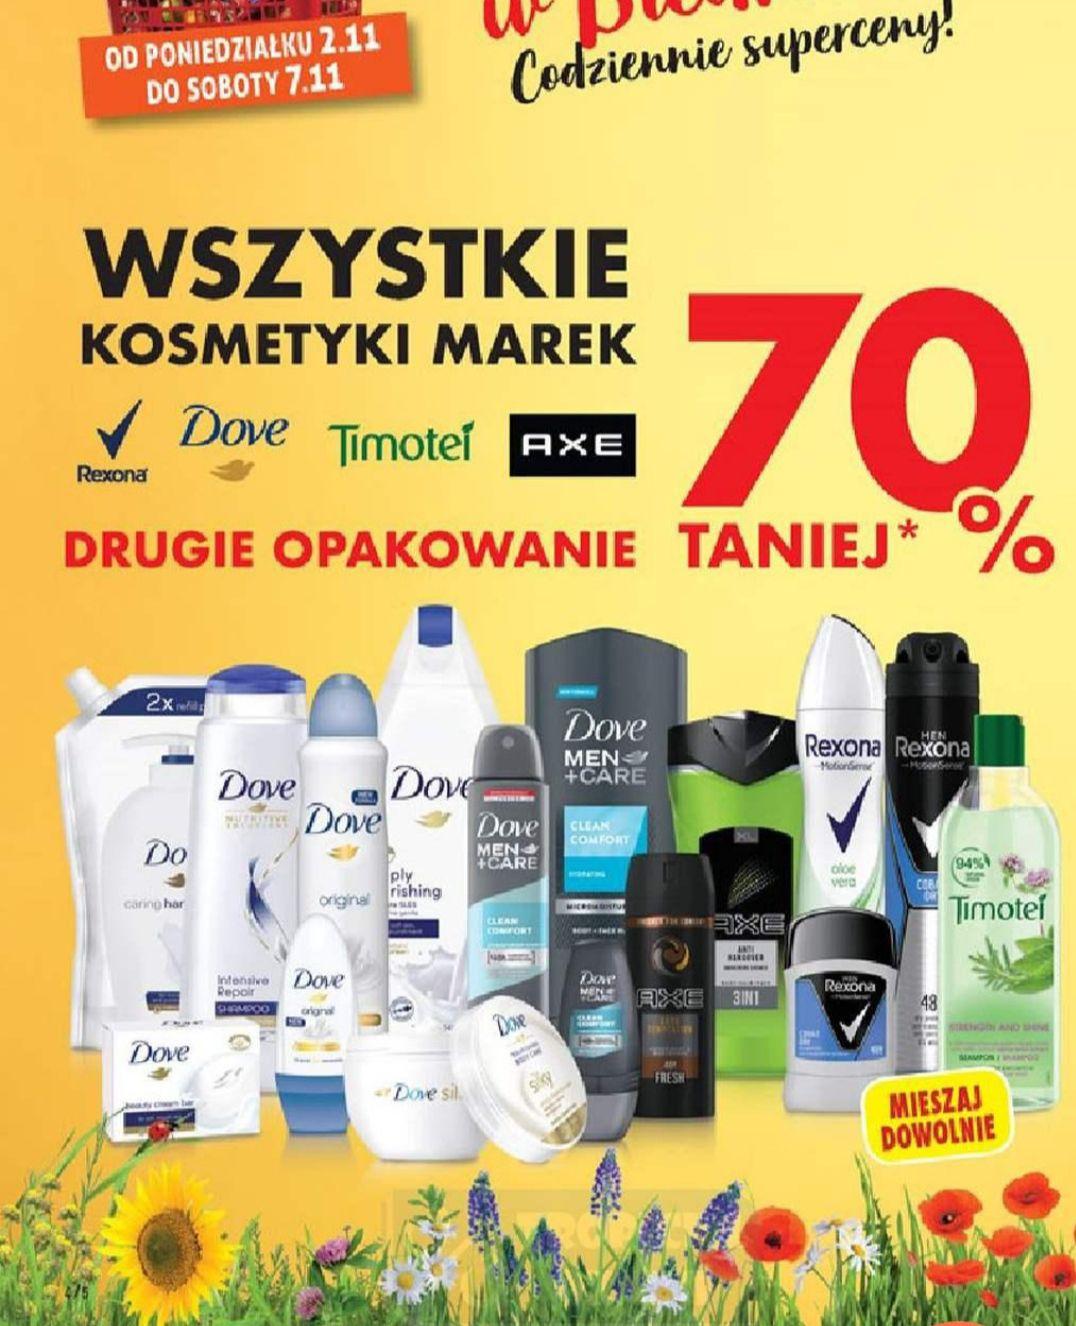 Kosmetyki Rexona, Dove, Timotei, Axe. 2gi 70 % Taniej. Biedronka.